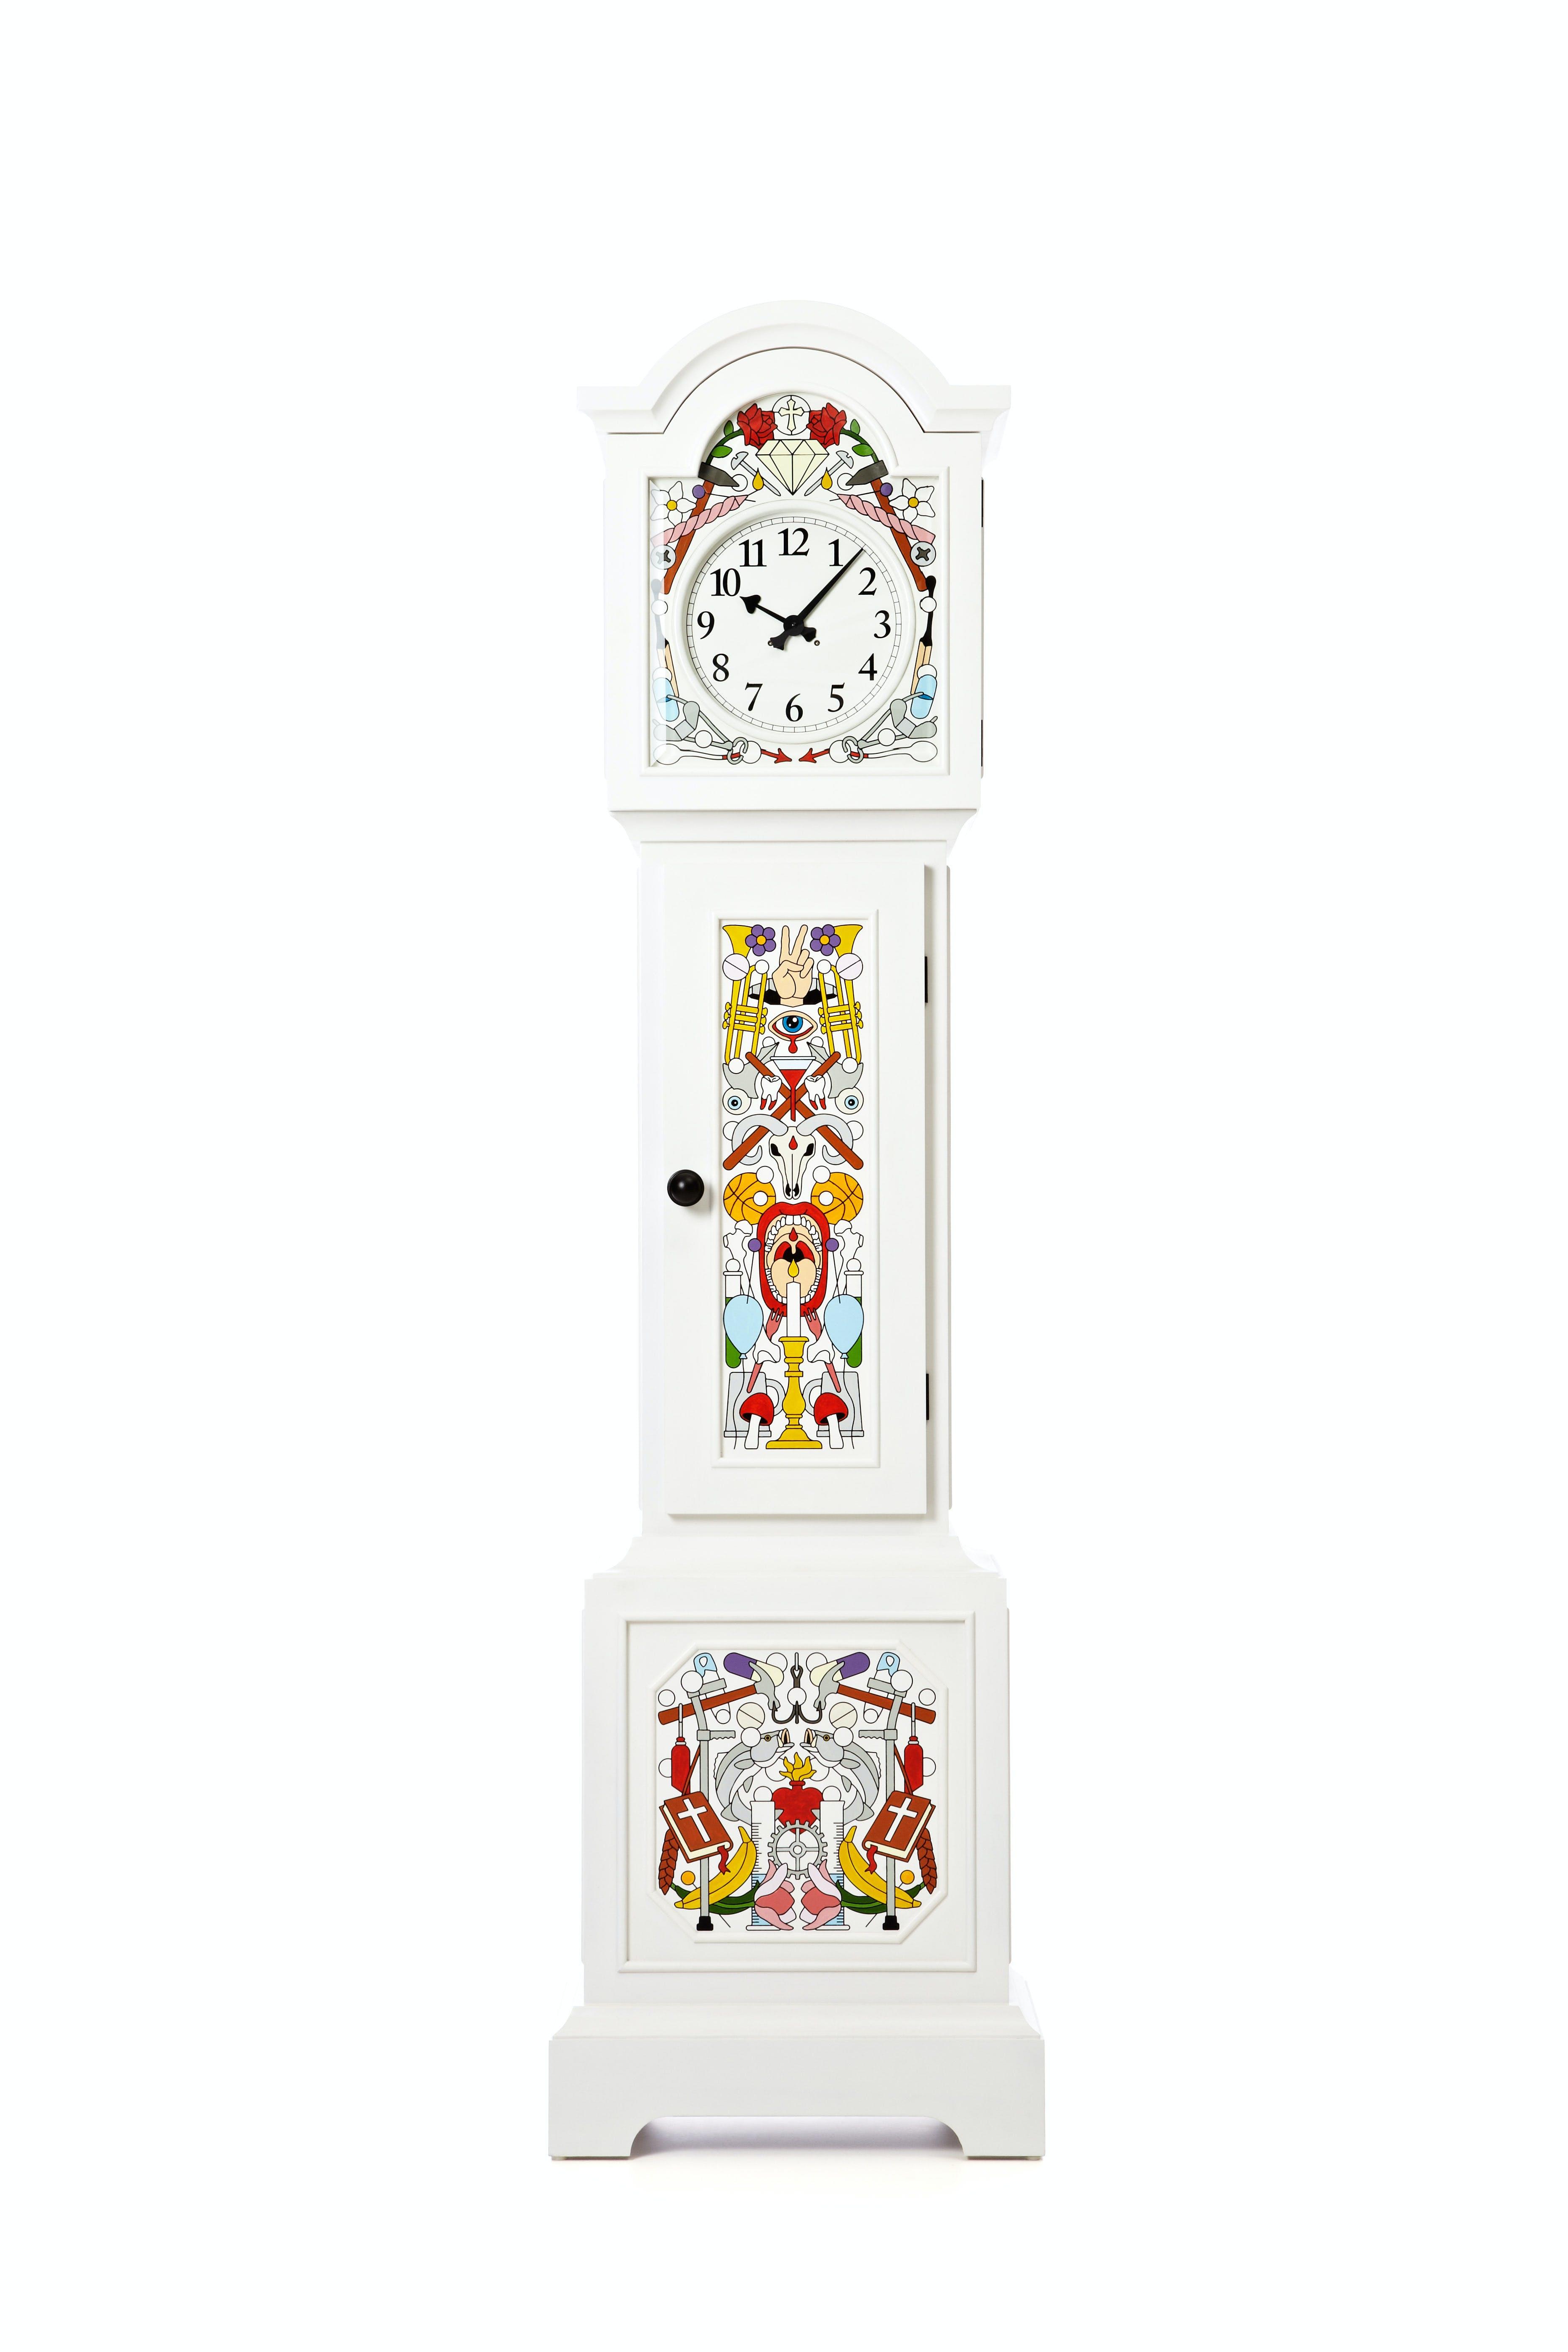 Altdeutsche Clock